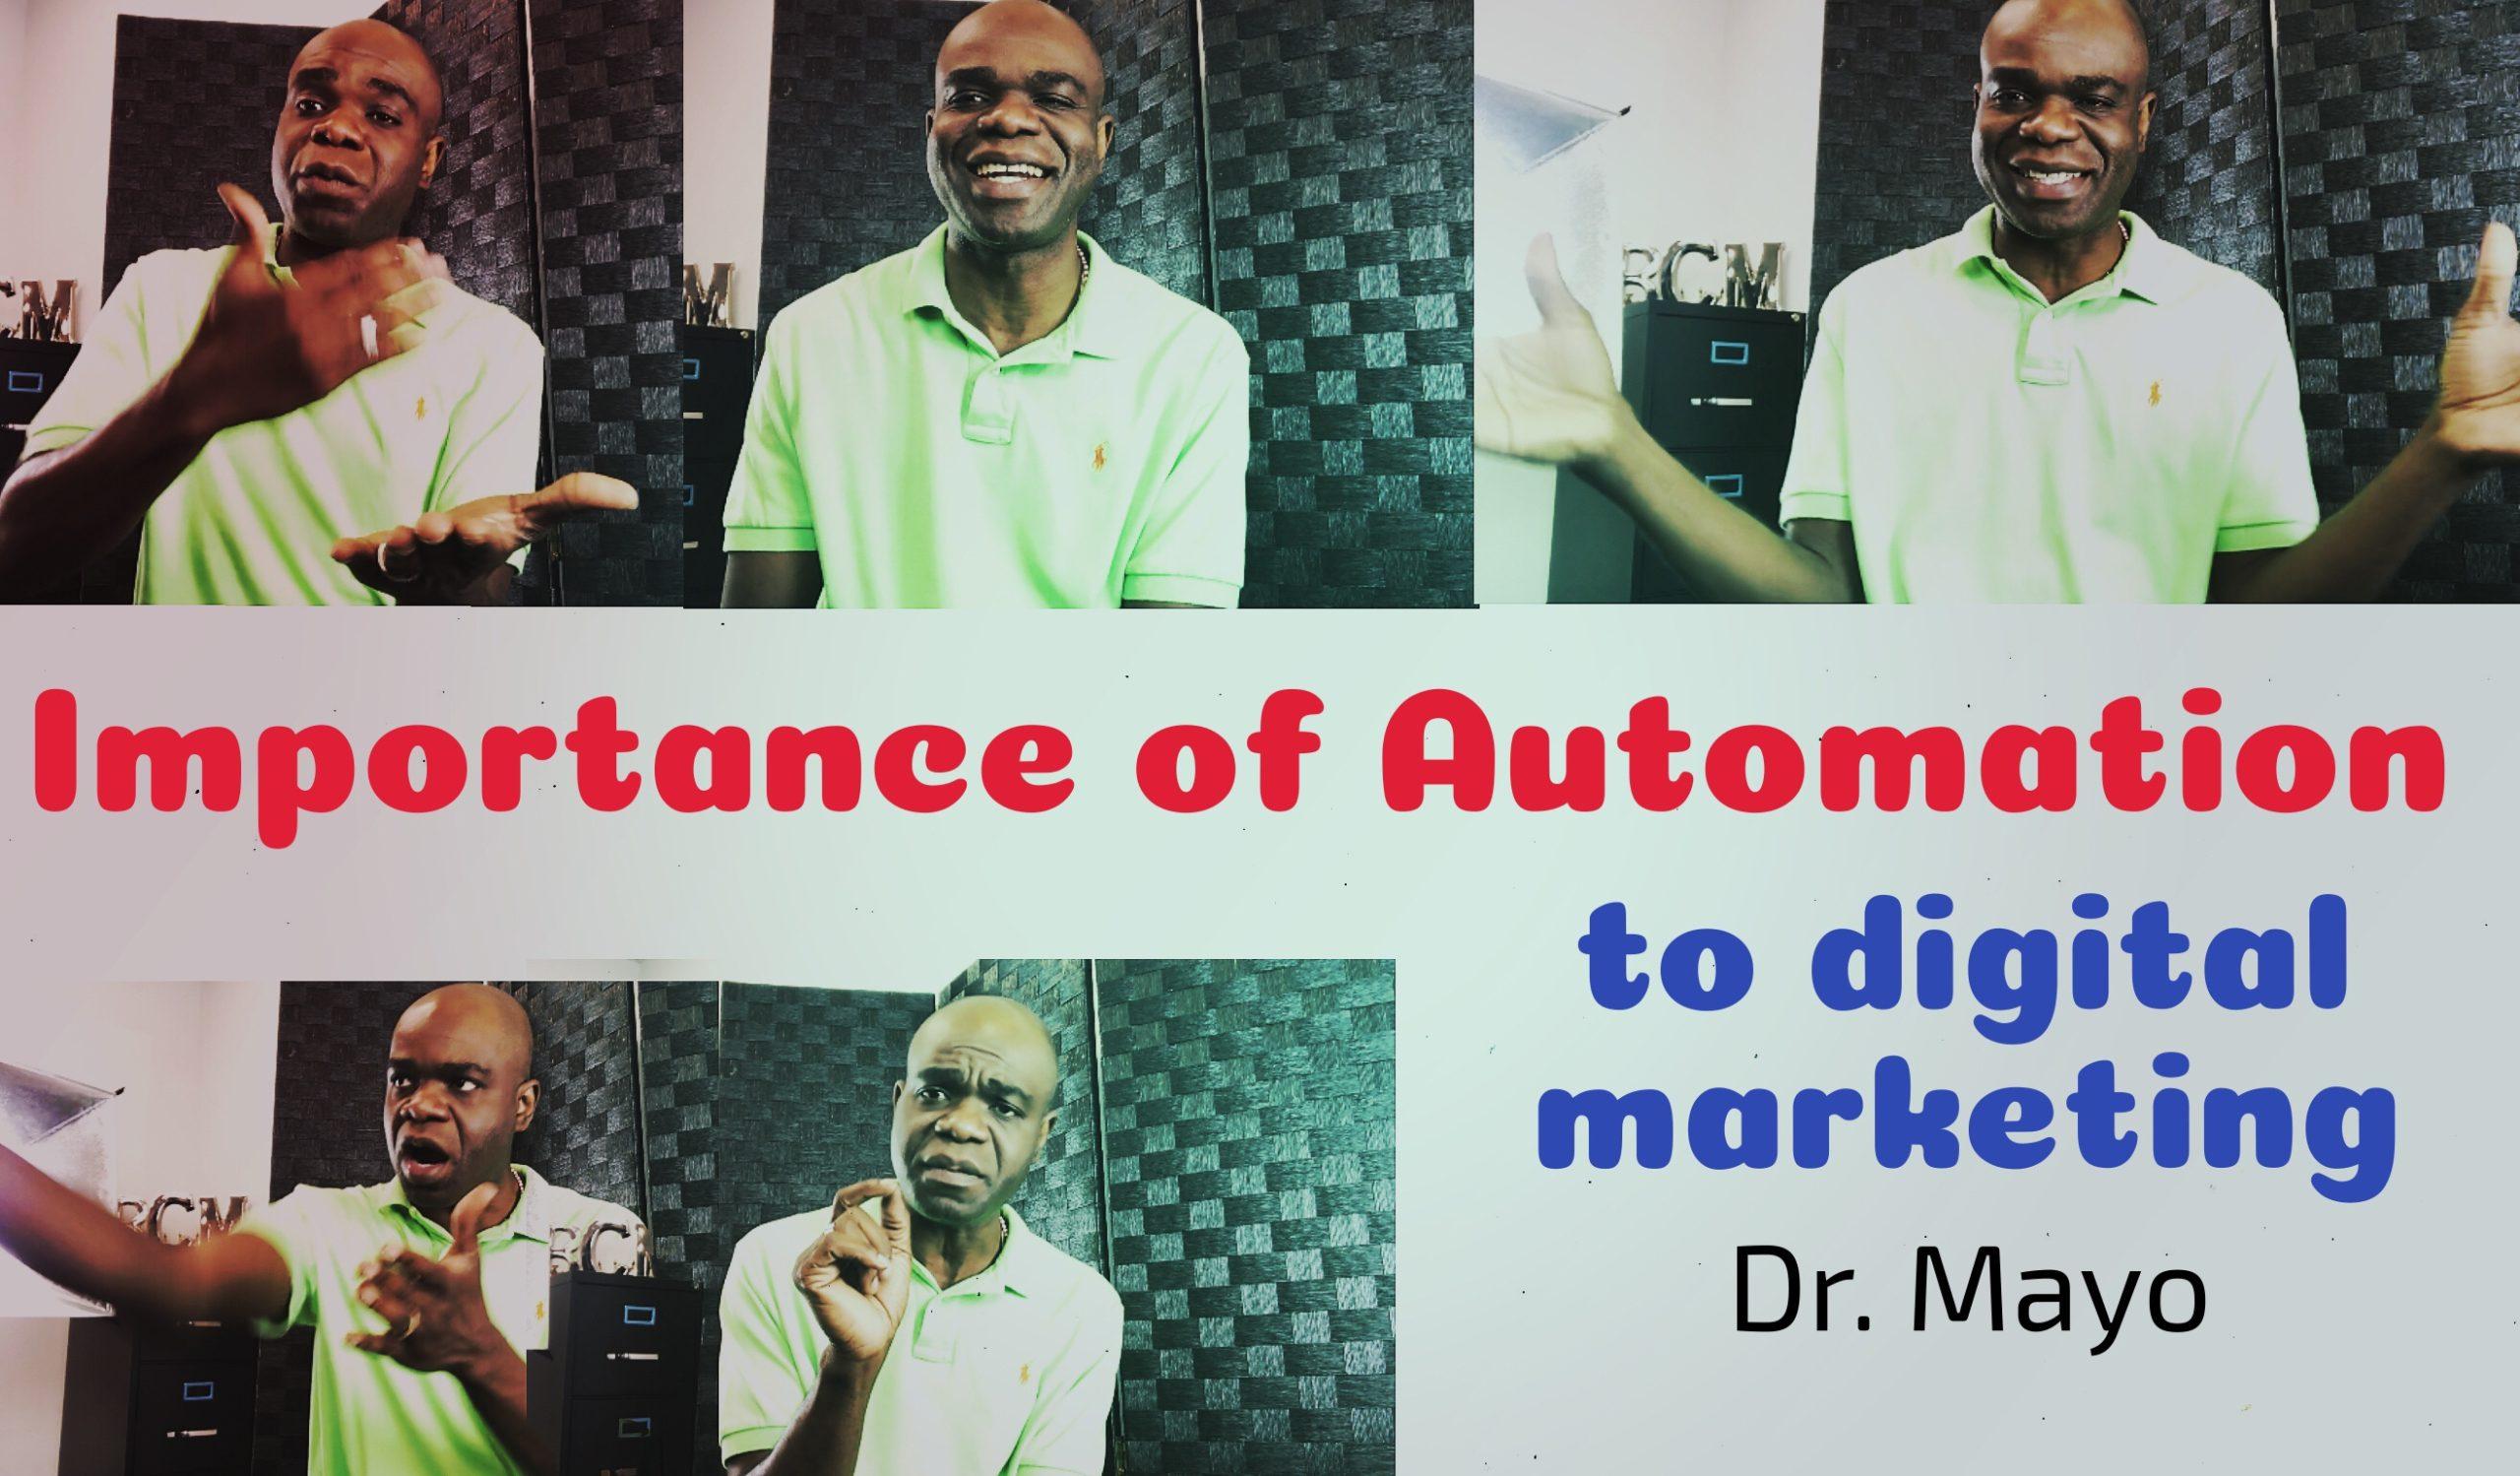 marketing automation Dr. Mayo Adegbuyi